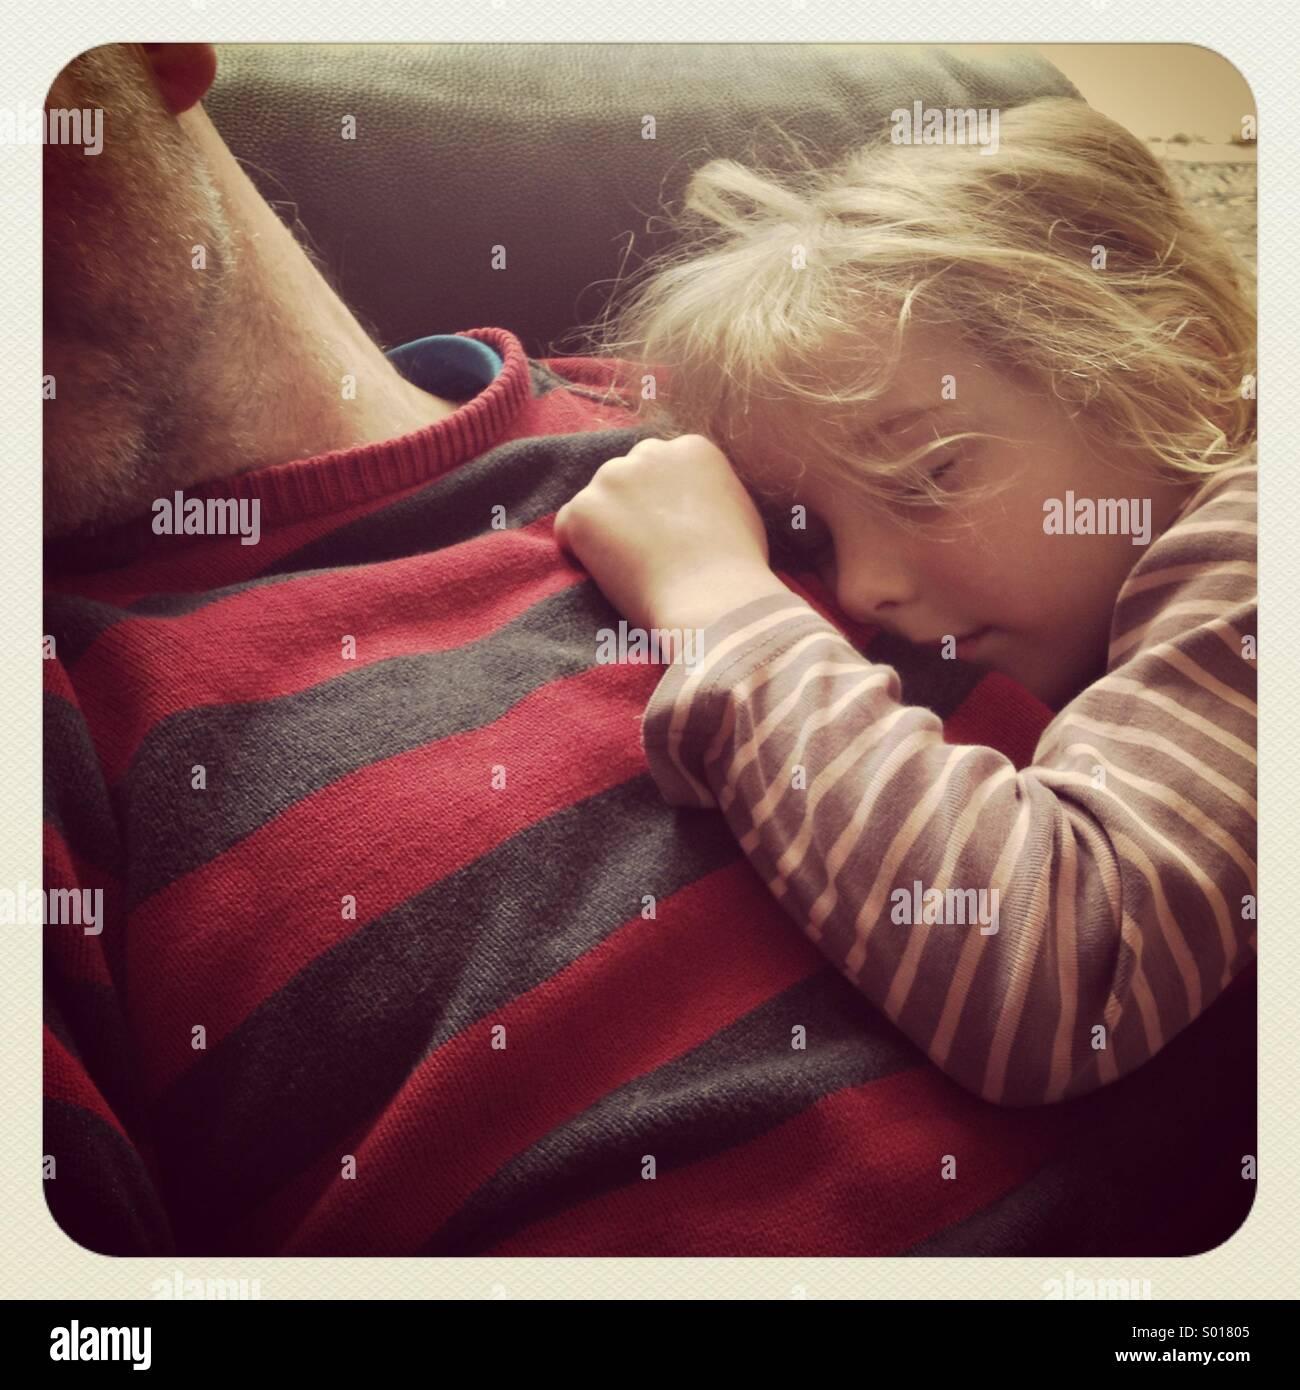 Una figlia addormentato sul suo padre al torace Immagini Stock